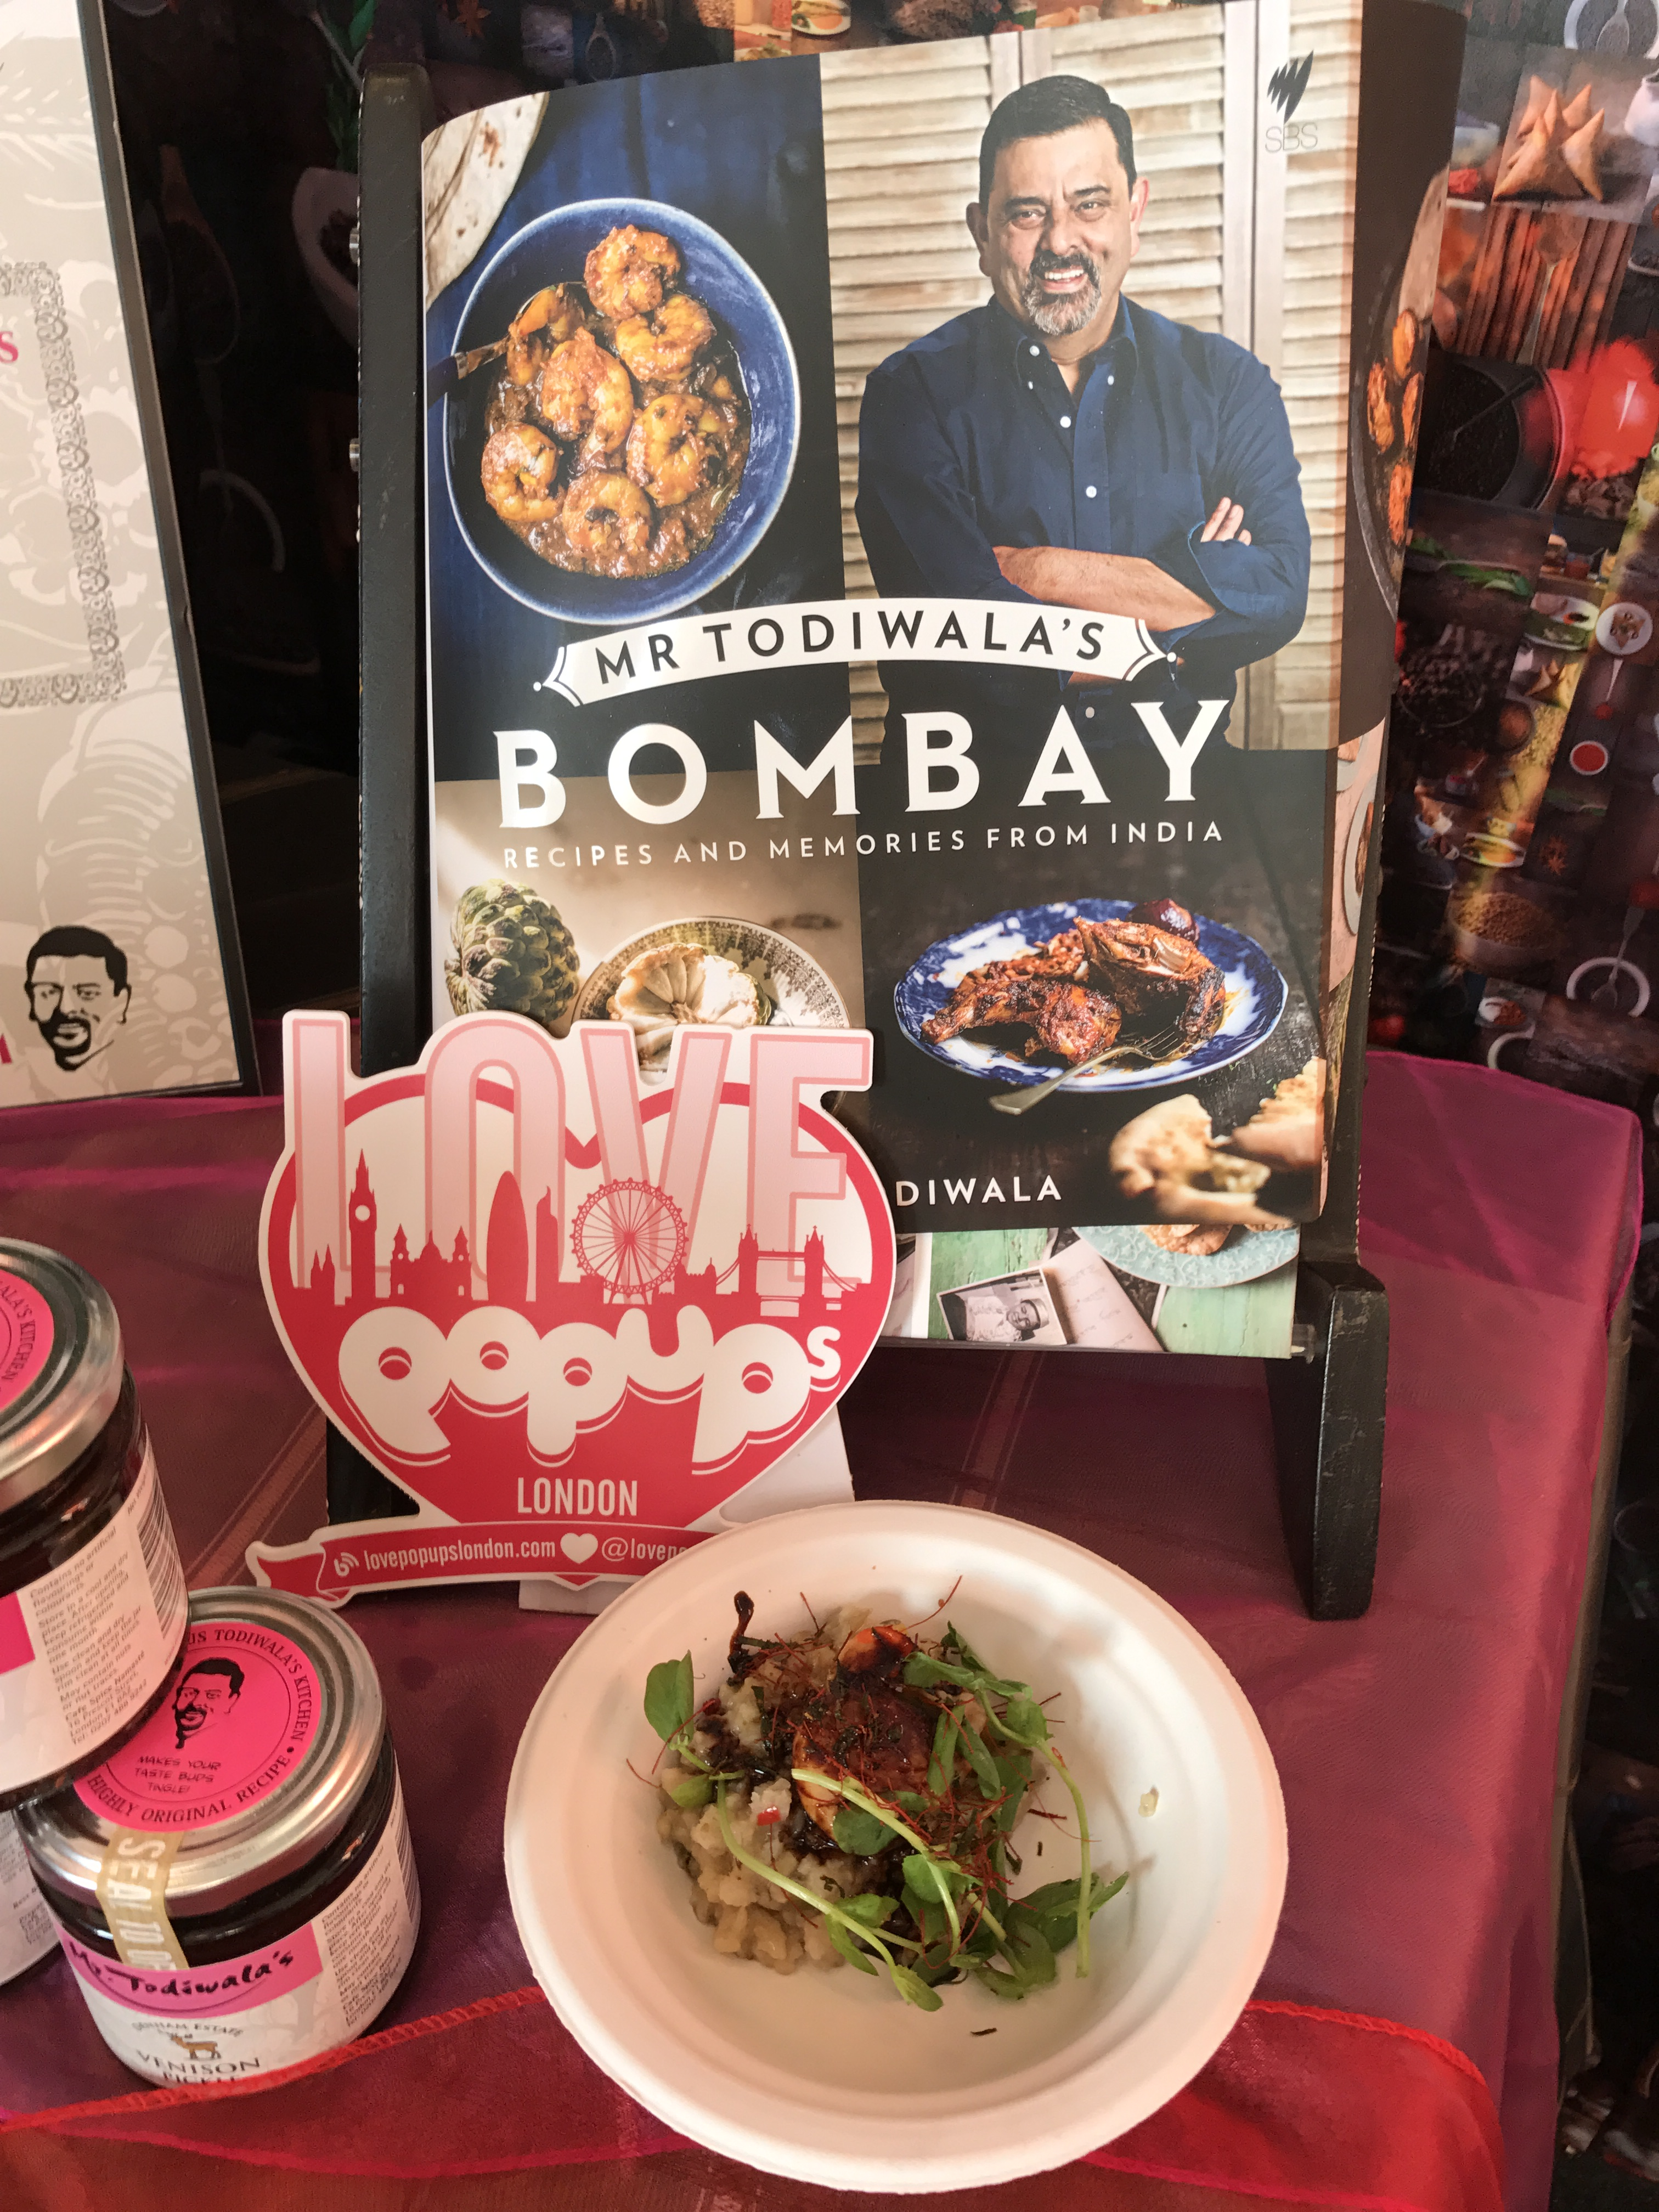 Taste of London Bombay food